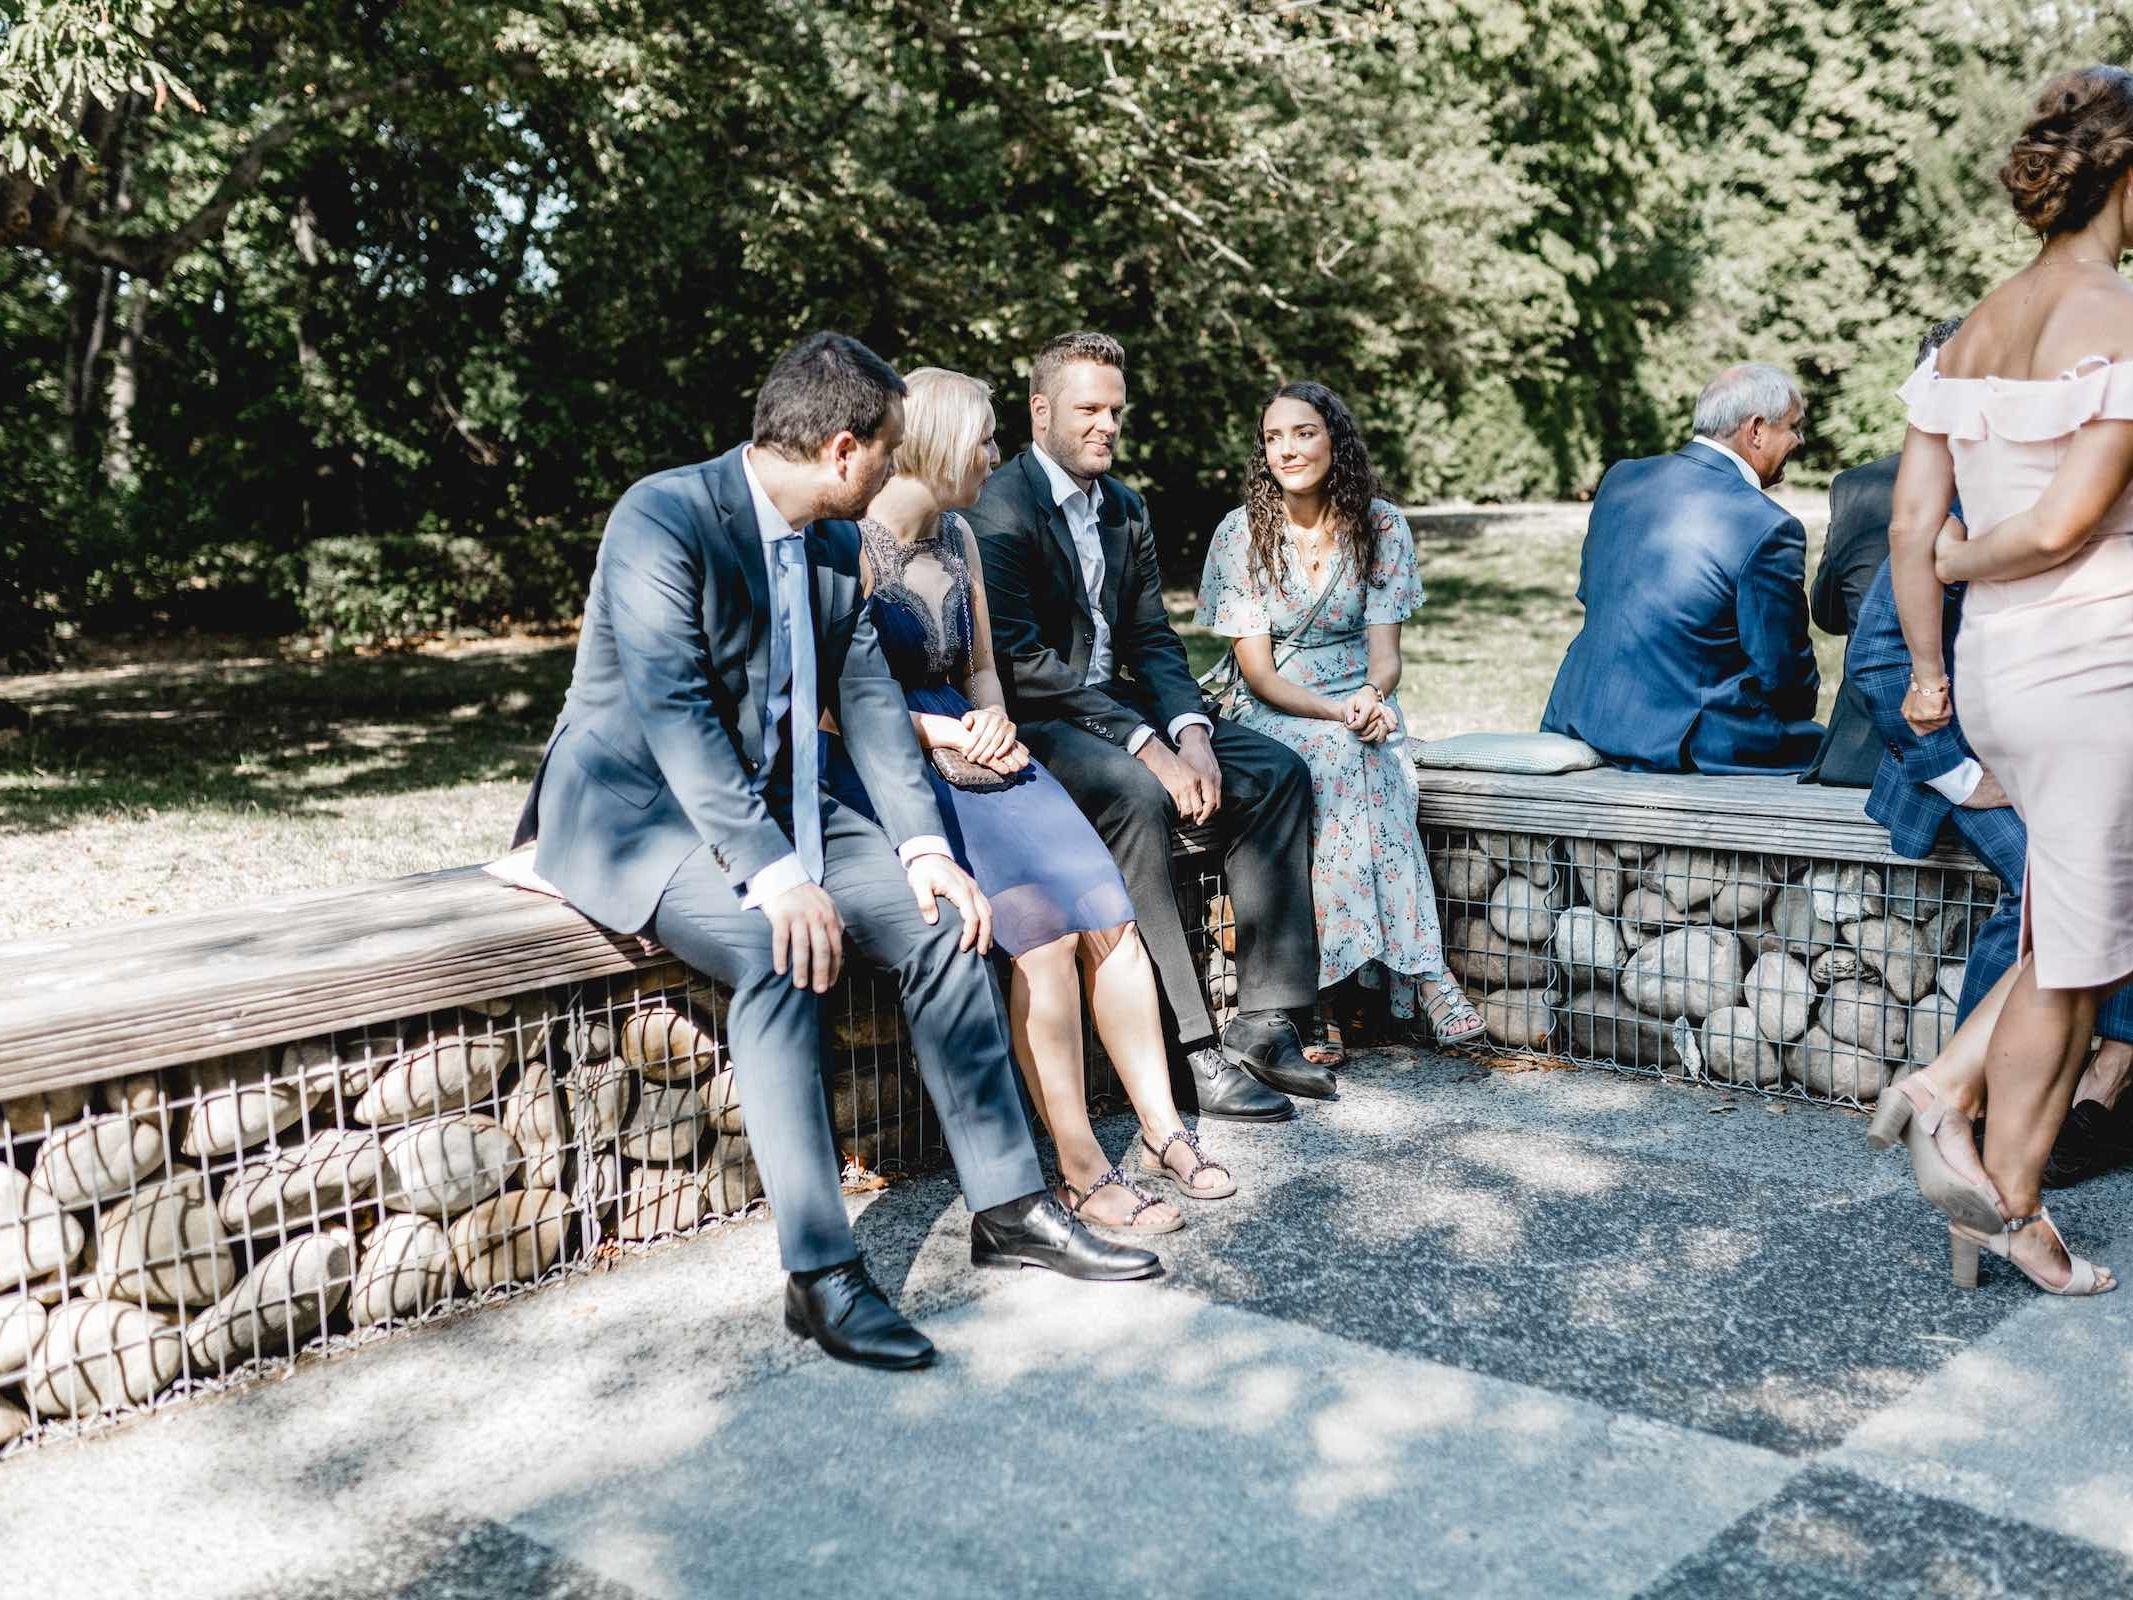 Berggasthaus | Niedersachsen | Hochzeit | Geburtstag | Empfang | Firmenfeier | Feiern | Locations | DJ | Hochzeit | DJ | Hochzeitsplanung | Fotograf | Hochzeitsplaner | Referenz | Lehmann | Eventservice